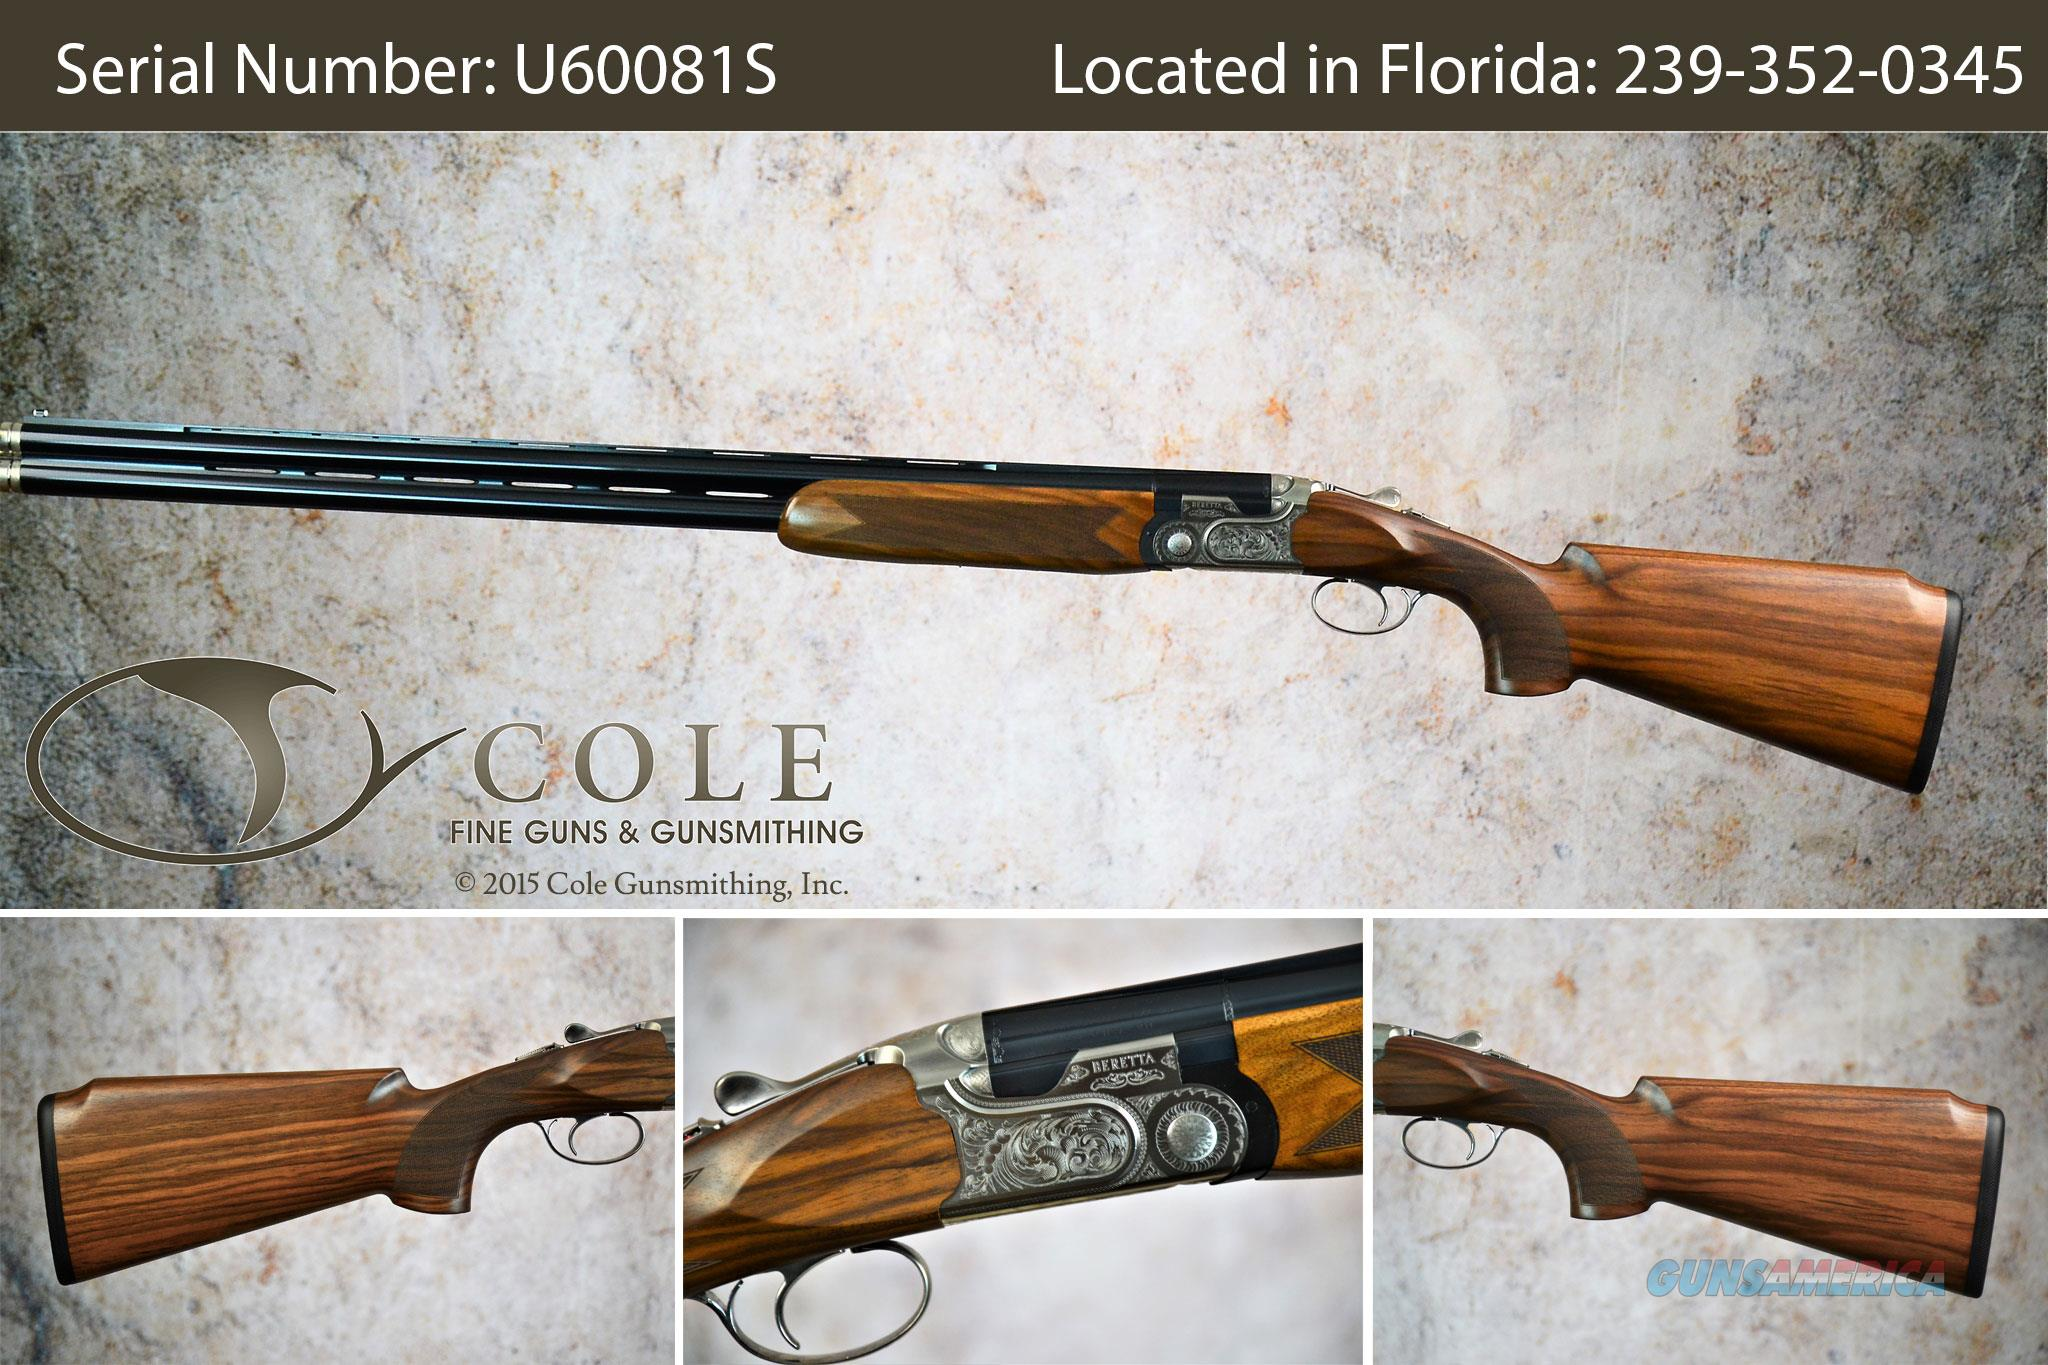 """Beretta 690 Sporting I Vittoria 12g 30"""" SN:#U60081S   Guns > Shotguns > Beretta Shotguns > O/U > Trap/Skeet"""